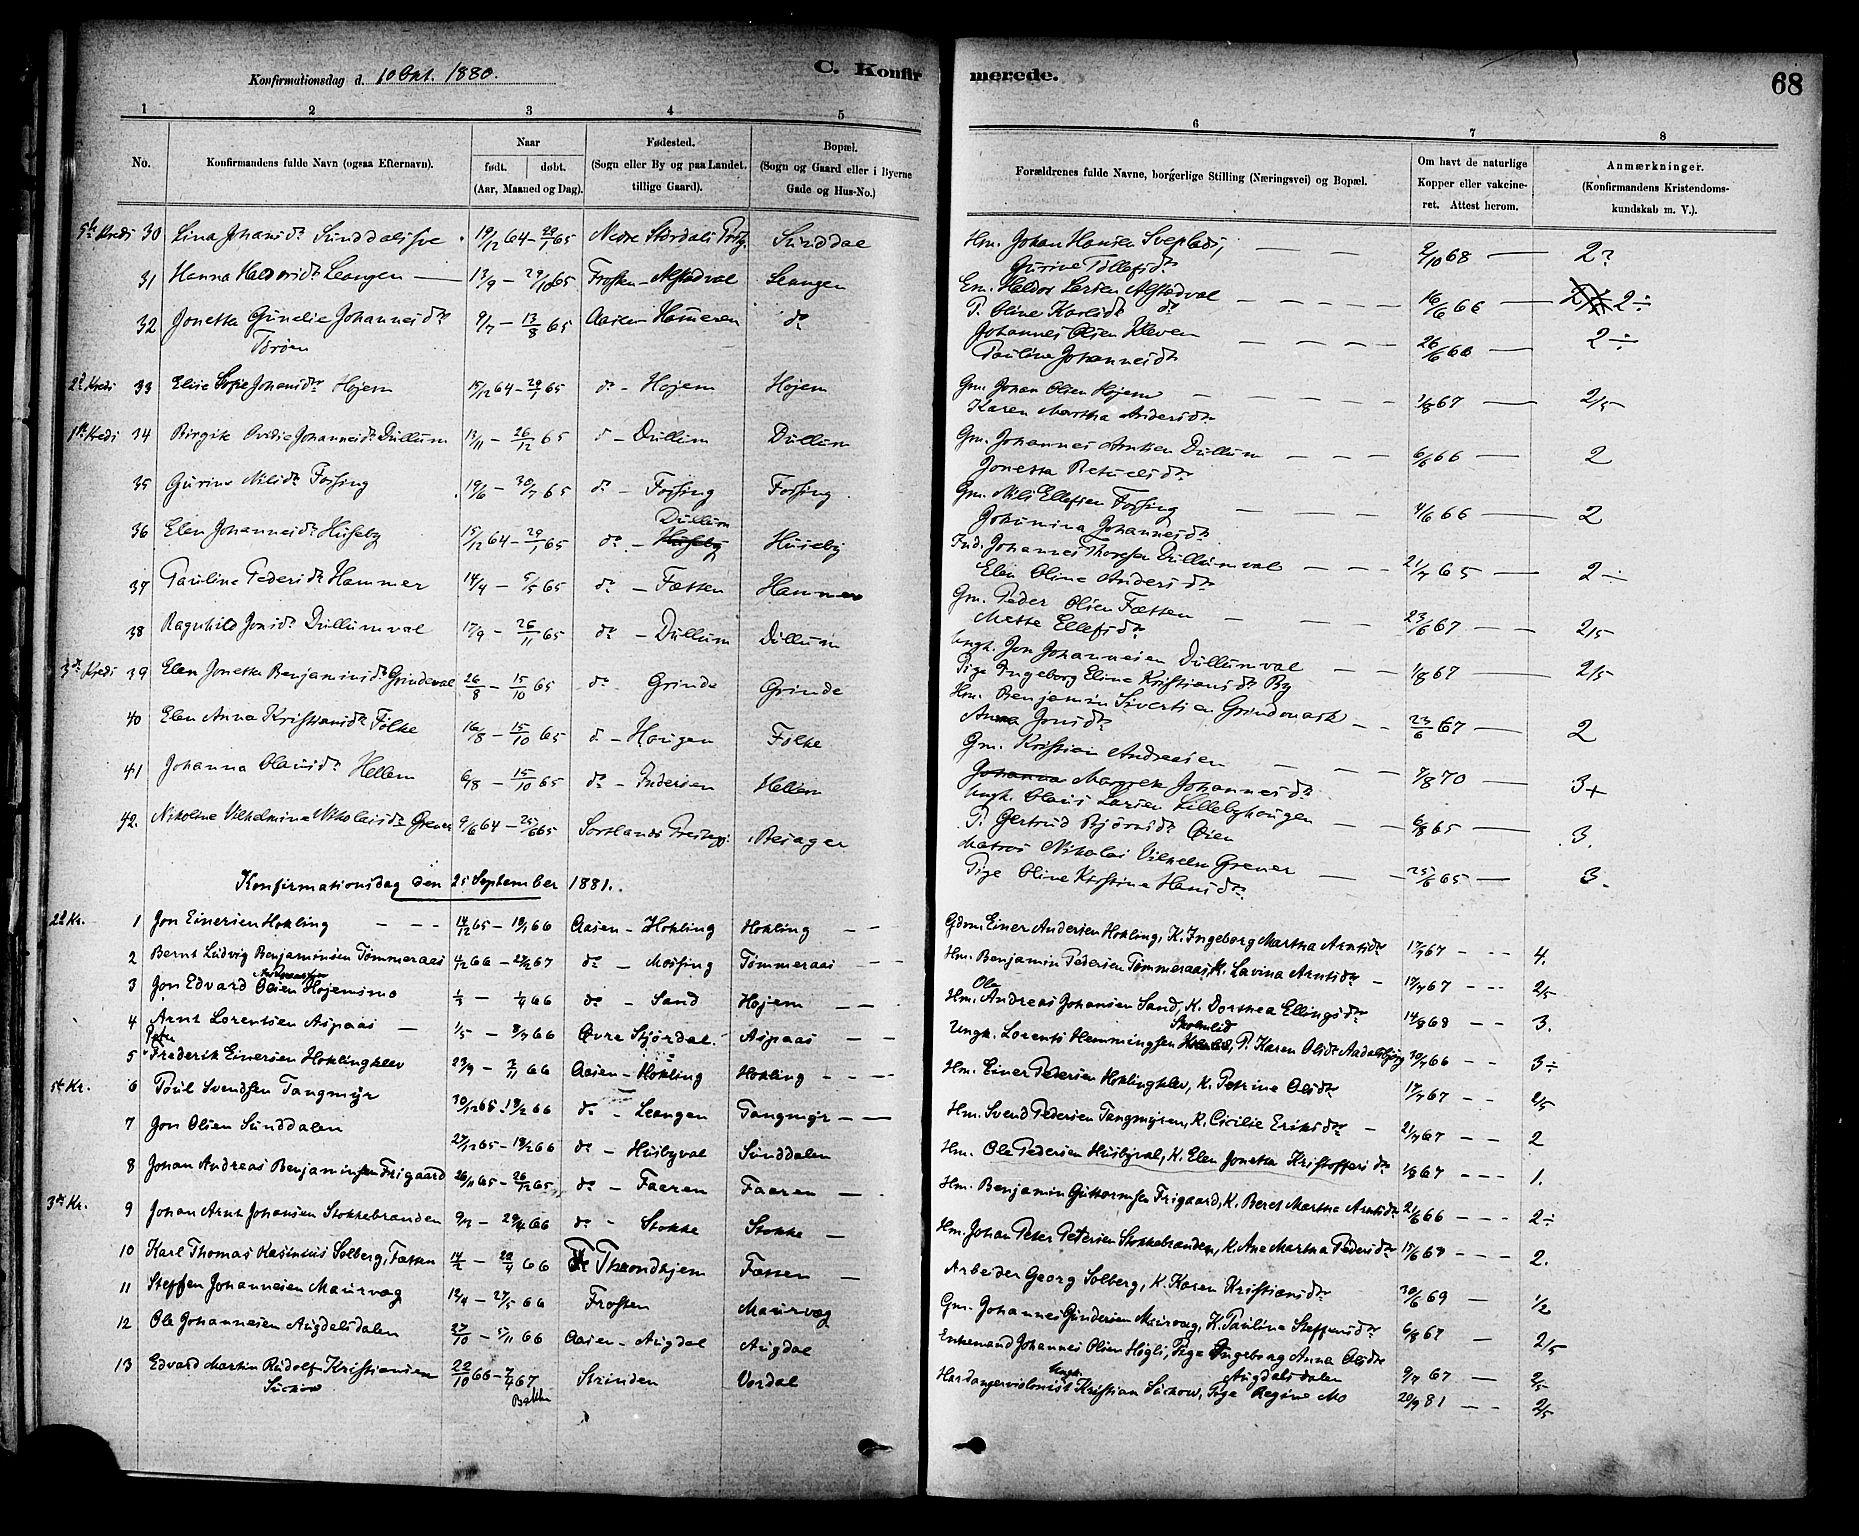 SAT, Ministerialprotokoller, klokkerbøker og fødselsregistre - Nord-Trøndelag, 714/L0130: Ministerialbok nr. 714A01, 1878-1895, s. 68